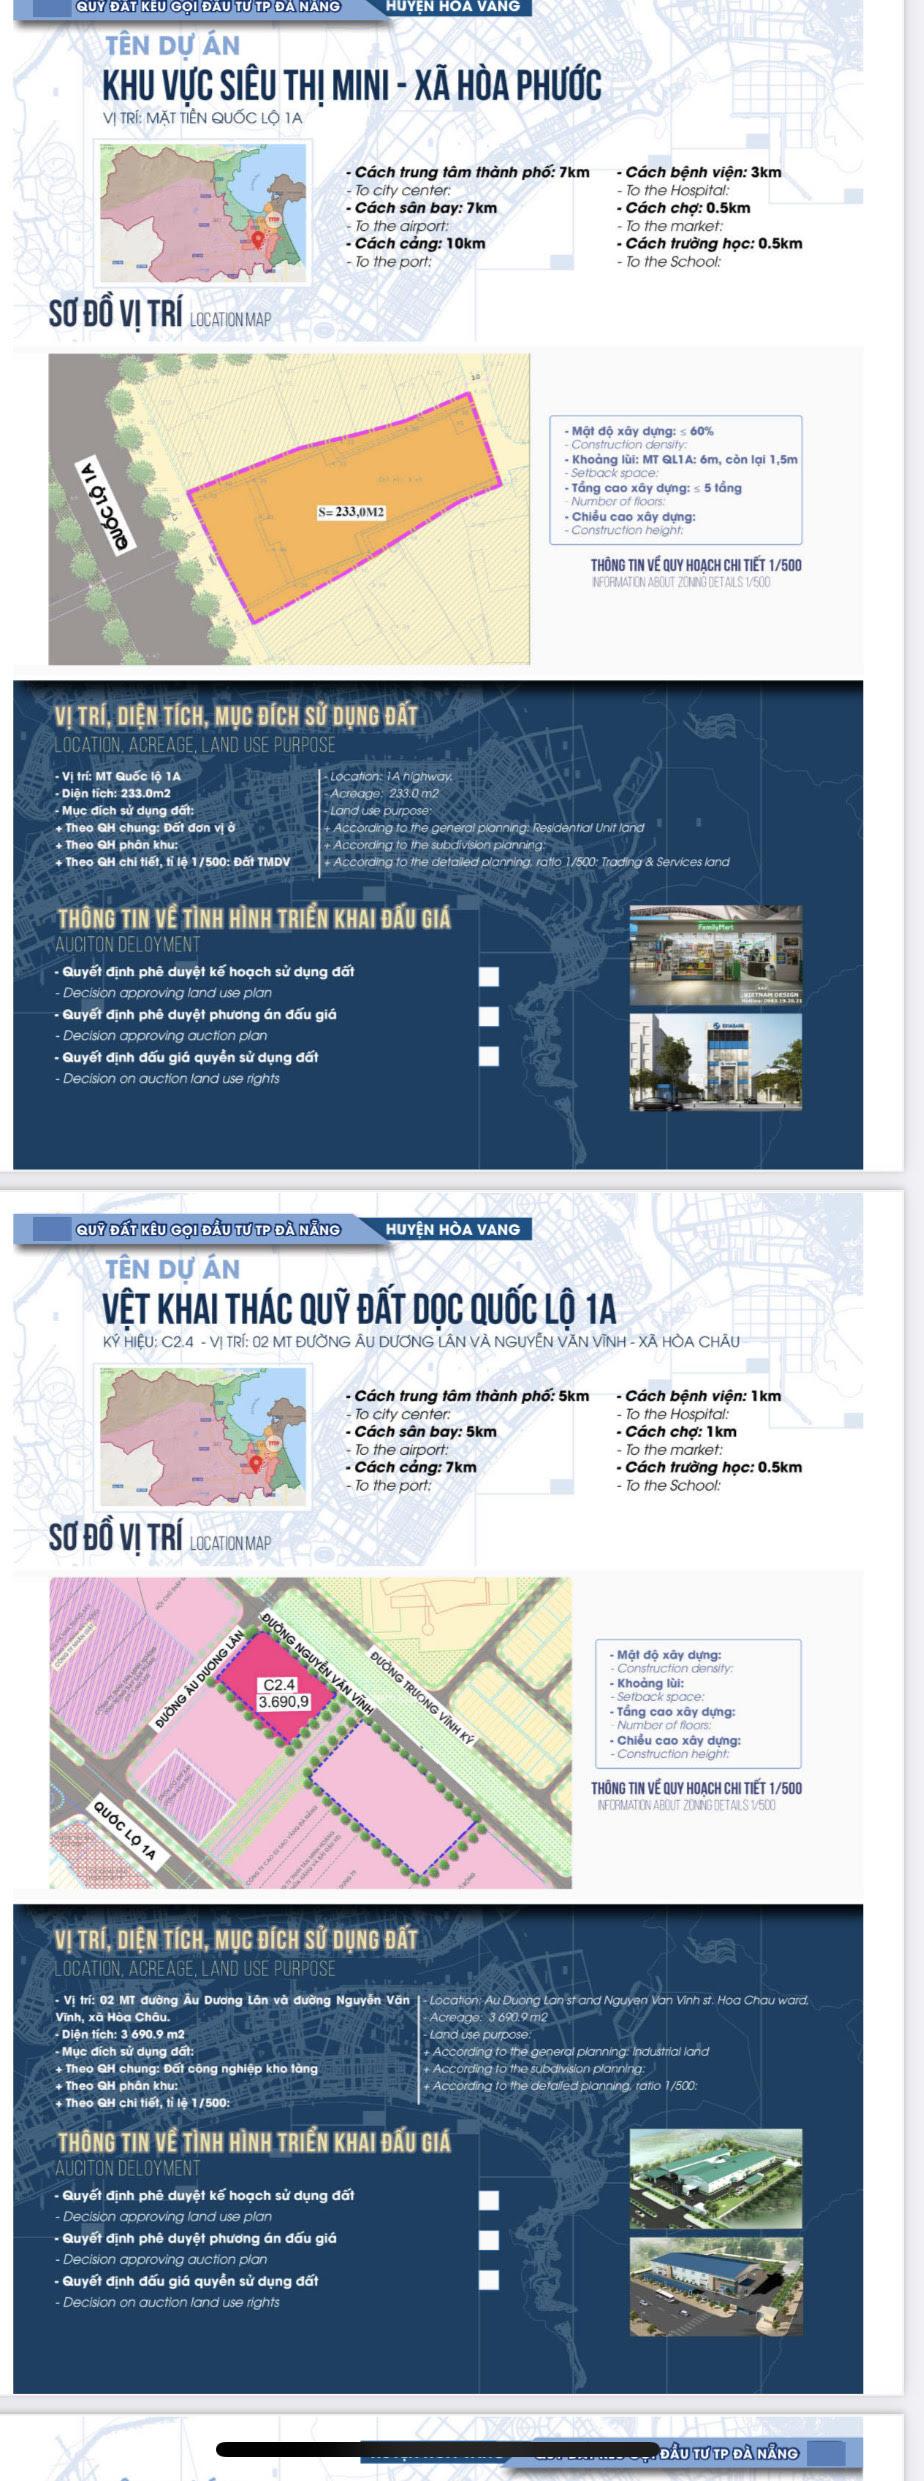 Sau sốt đất, Đà Nẵng bất ngờ công bố chi tiết 22 khu đất sạch kêu gọi đầu tư - Ảnh 8.